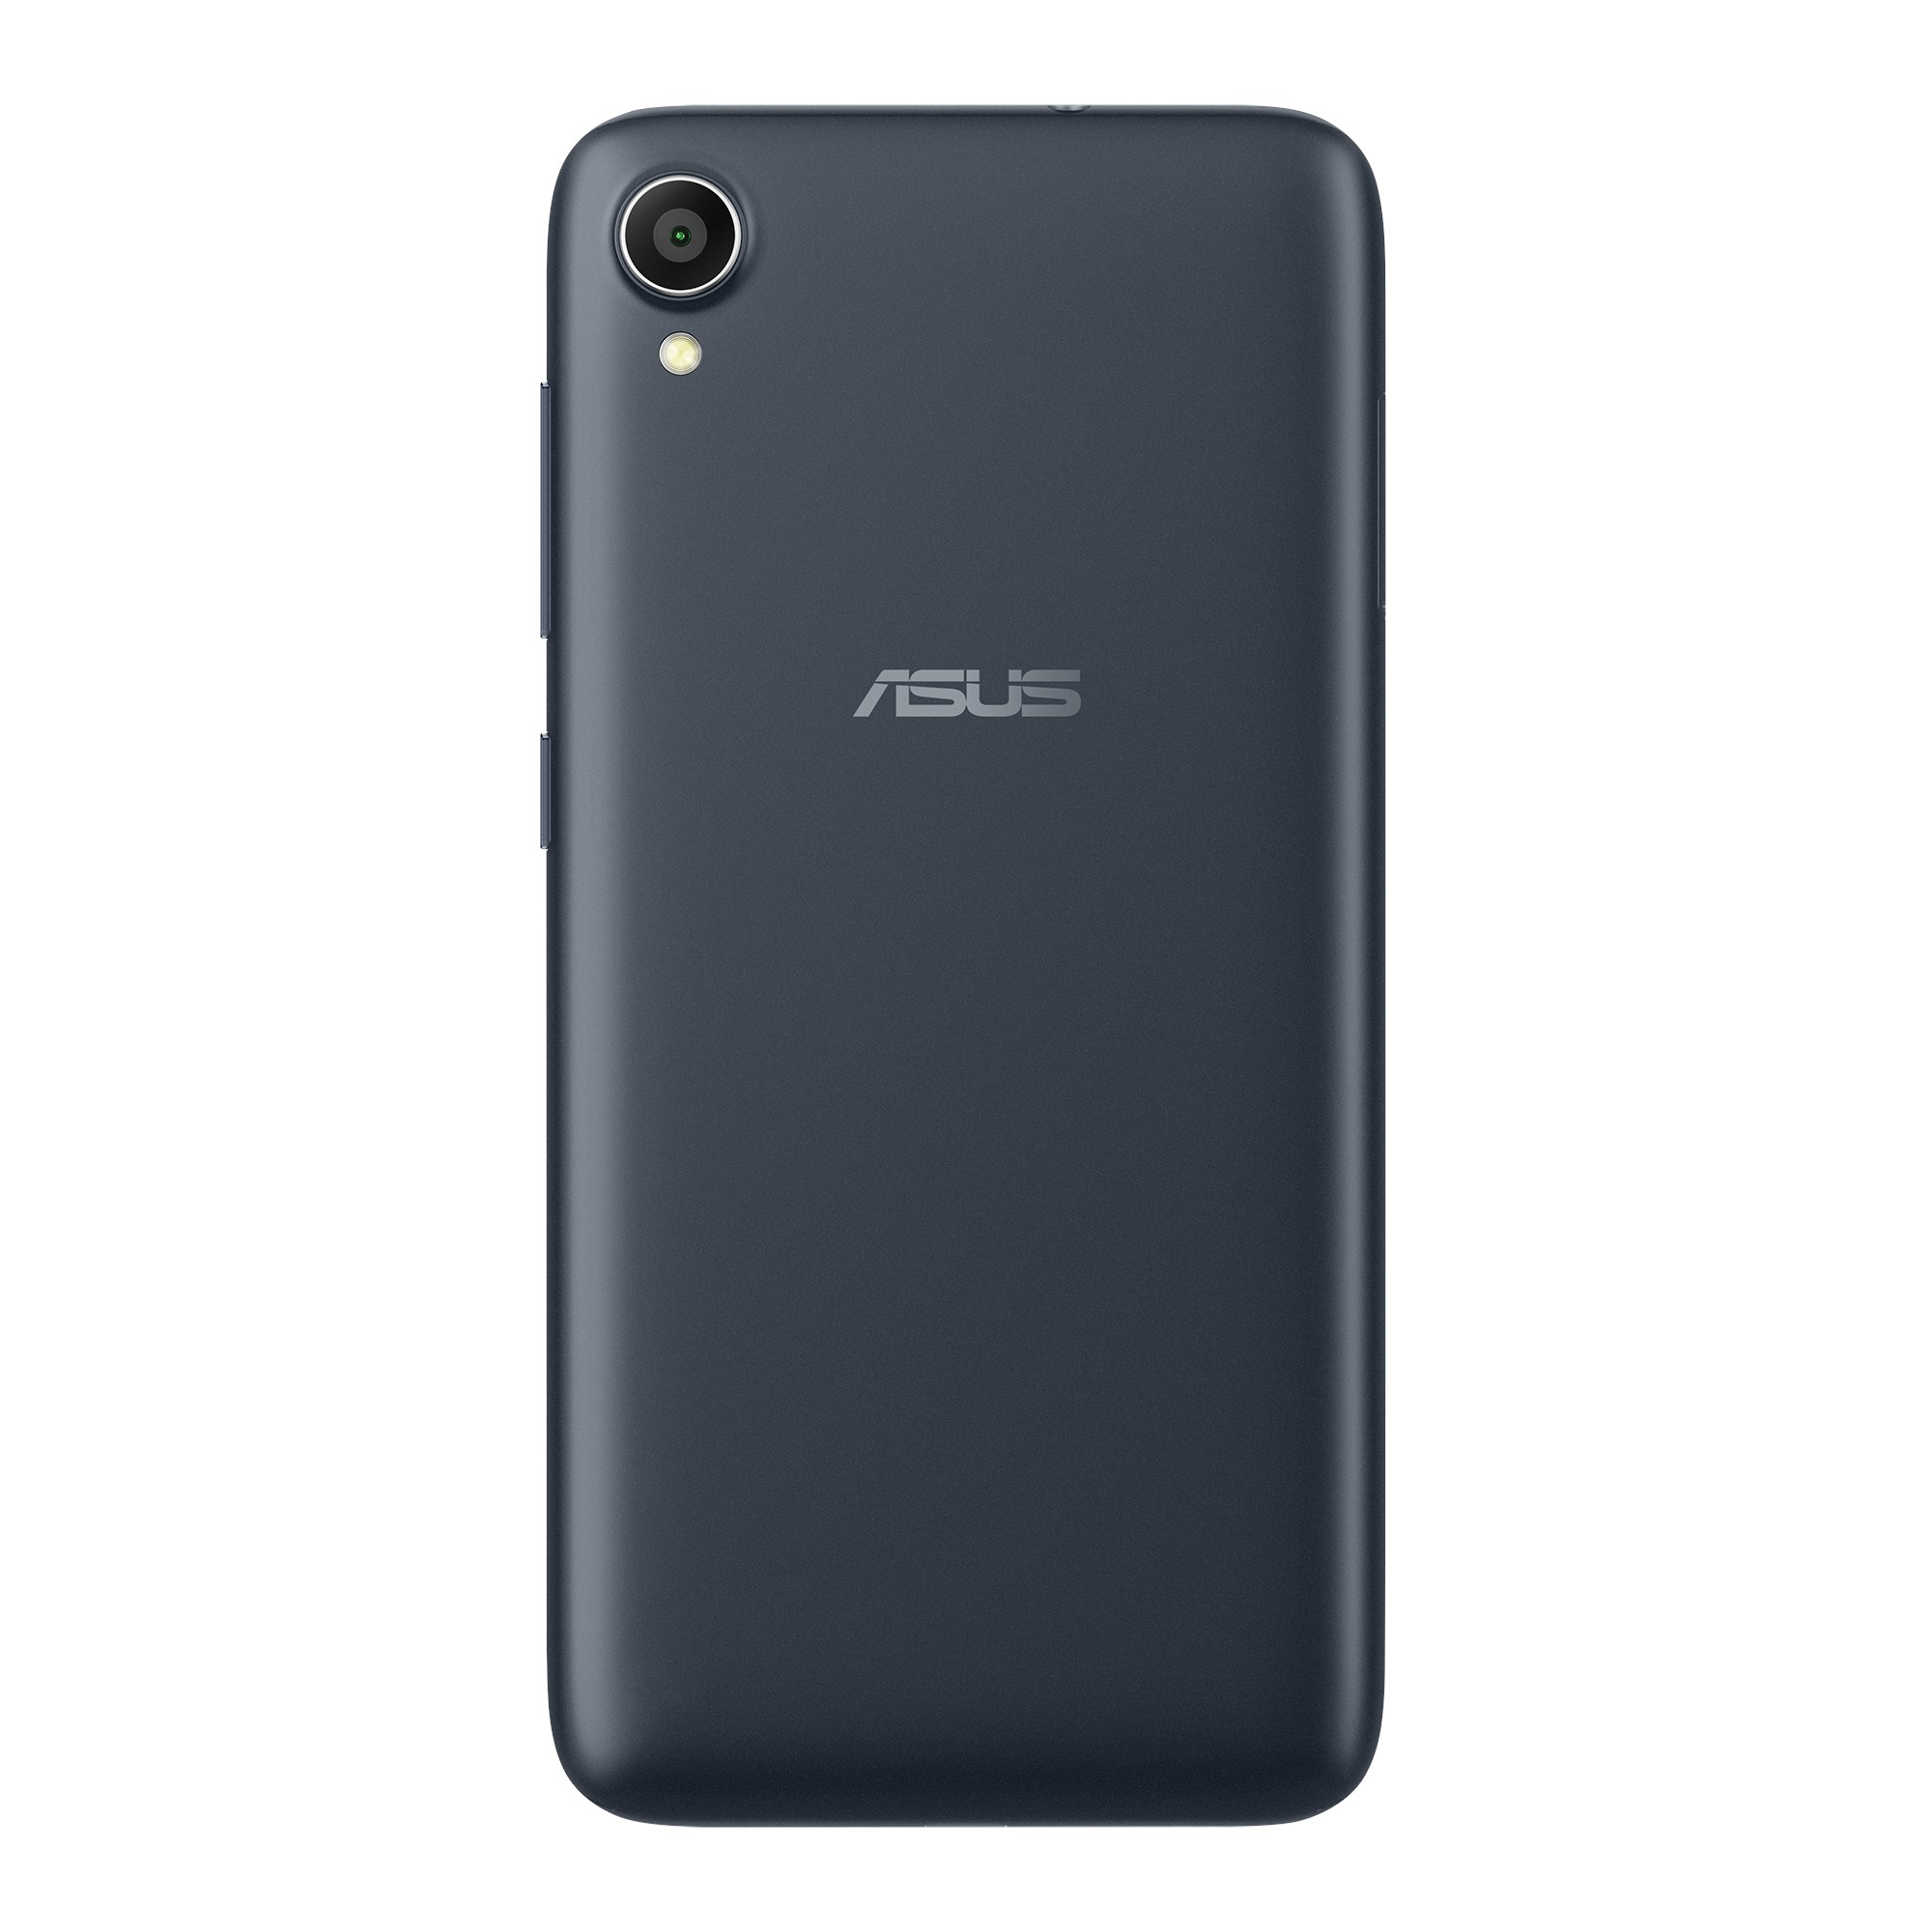 Asus ZA550KL